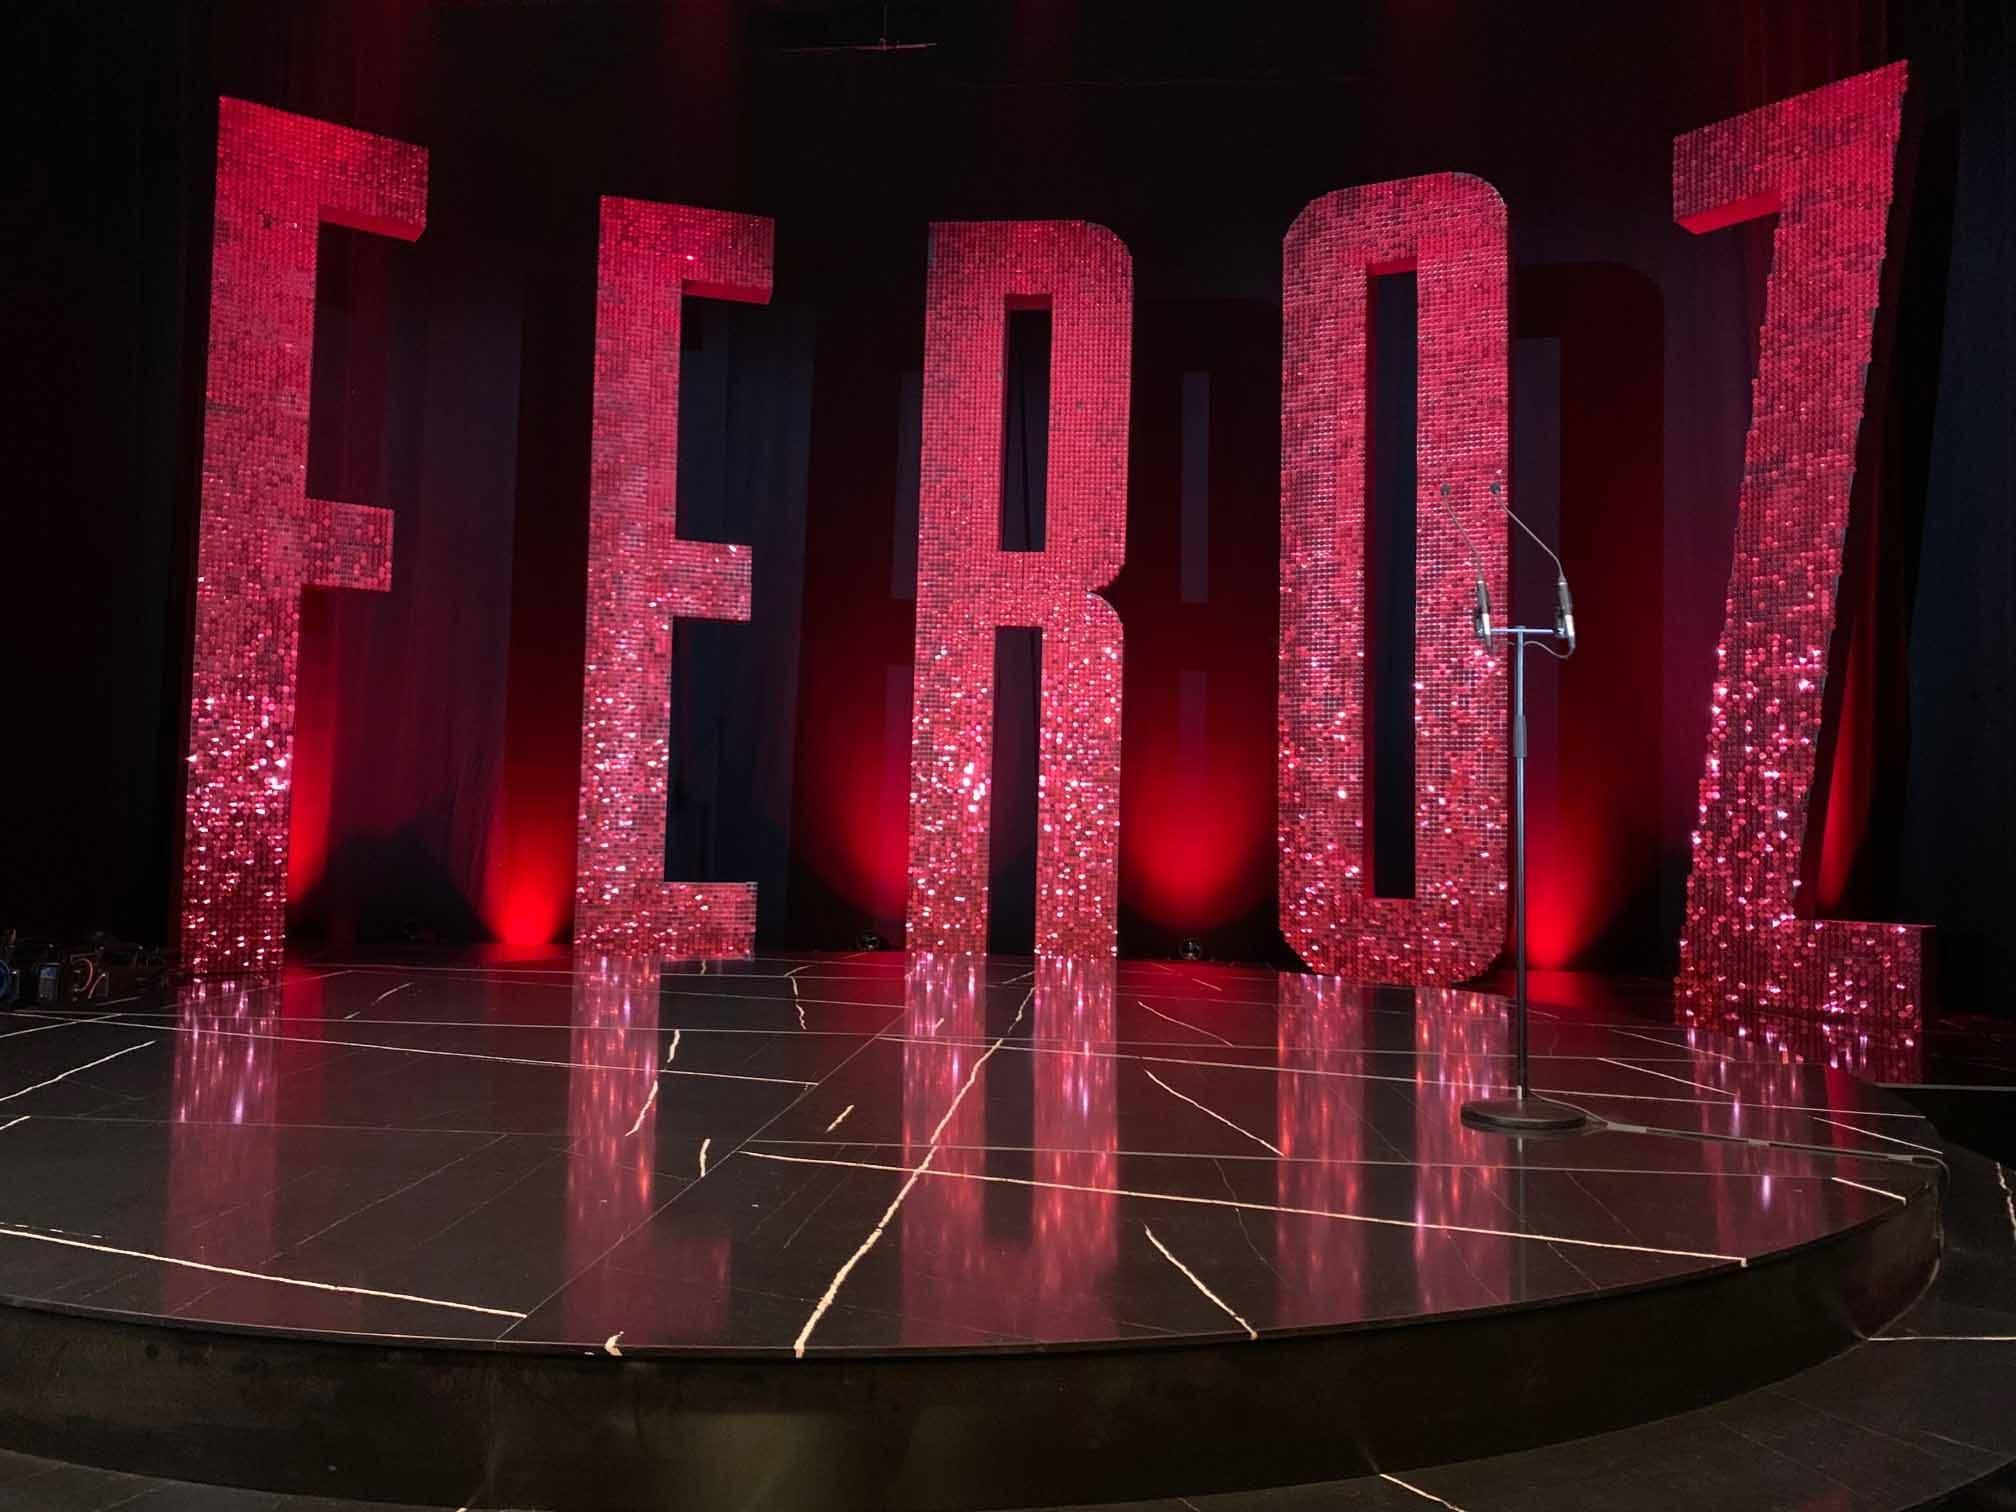 Image of Escenario Premiso Feroz 2020 Silestone escenario 2 baja 1 in Silestone® set to dazzle at the 2020 Feroz Awards - Cosentino